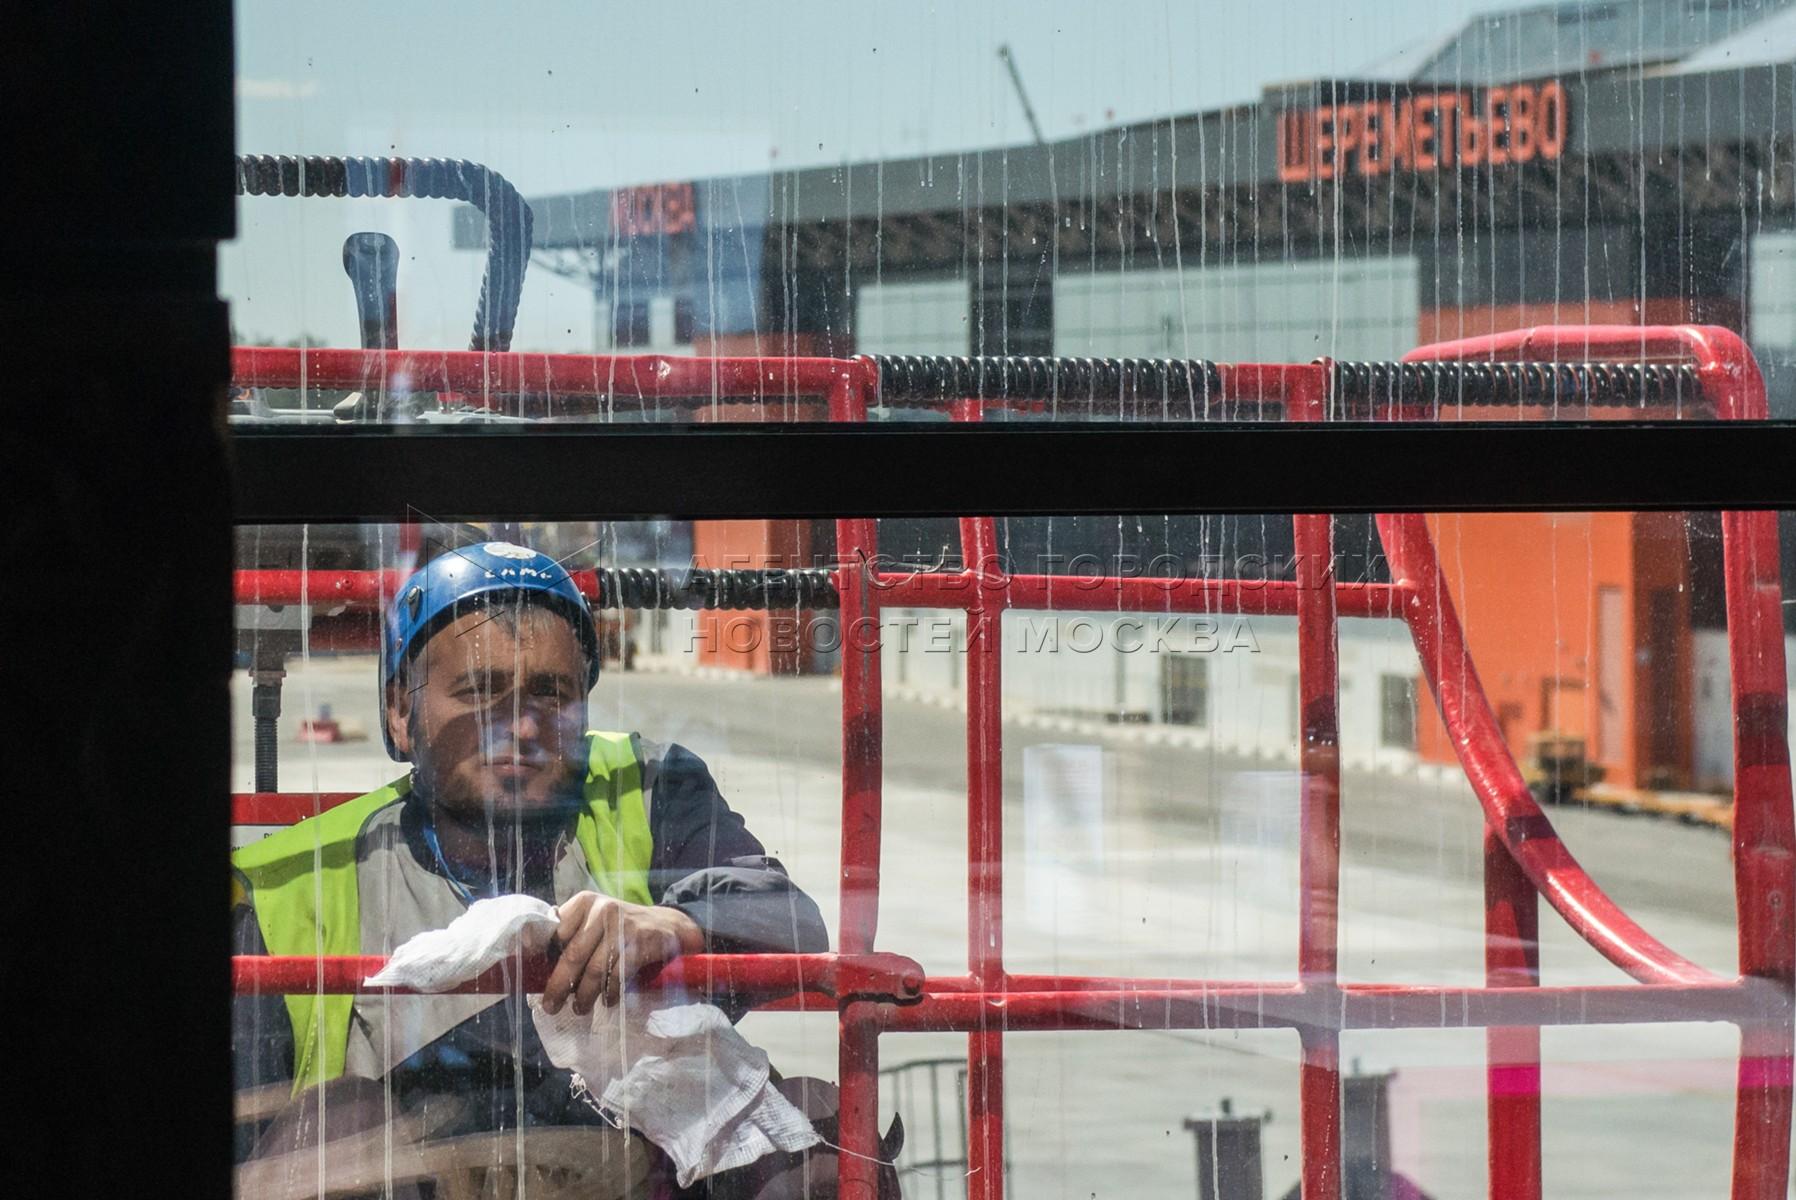 Автор фото: Иванко Игорь. Презентация нового терминала B и других объектов к ЧМ-2018 в аэропорту Шереметьево.